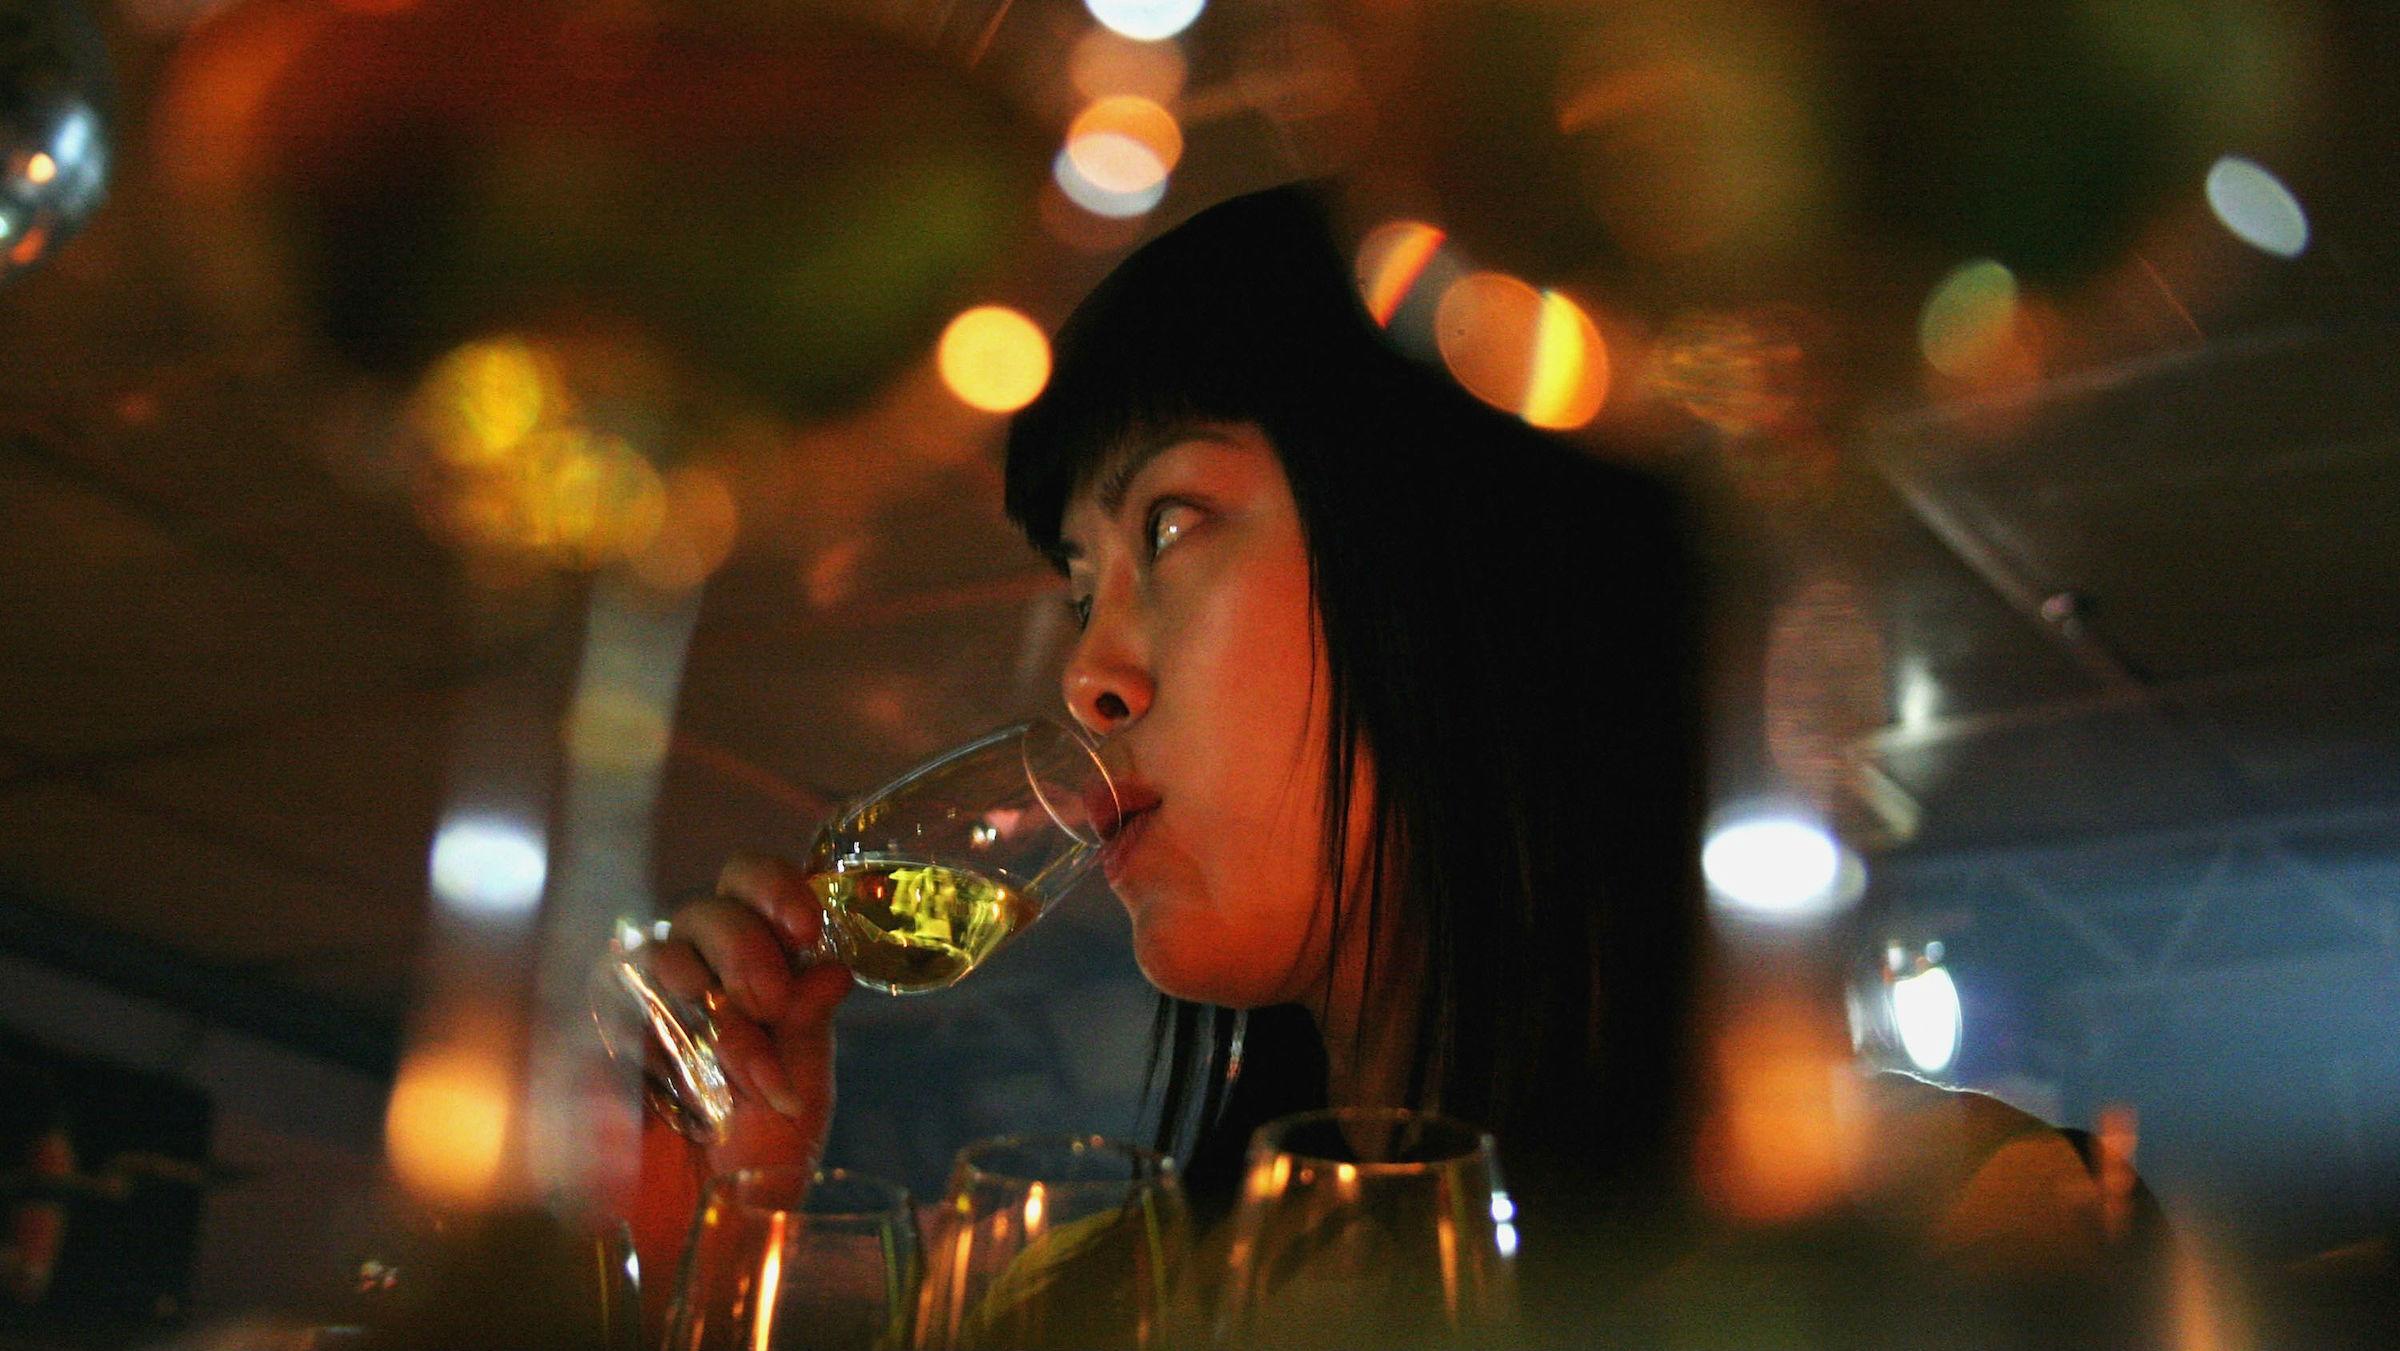 scotch in China web